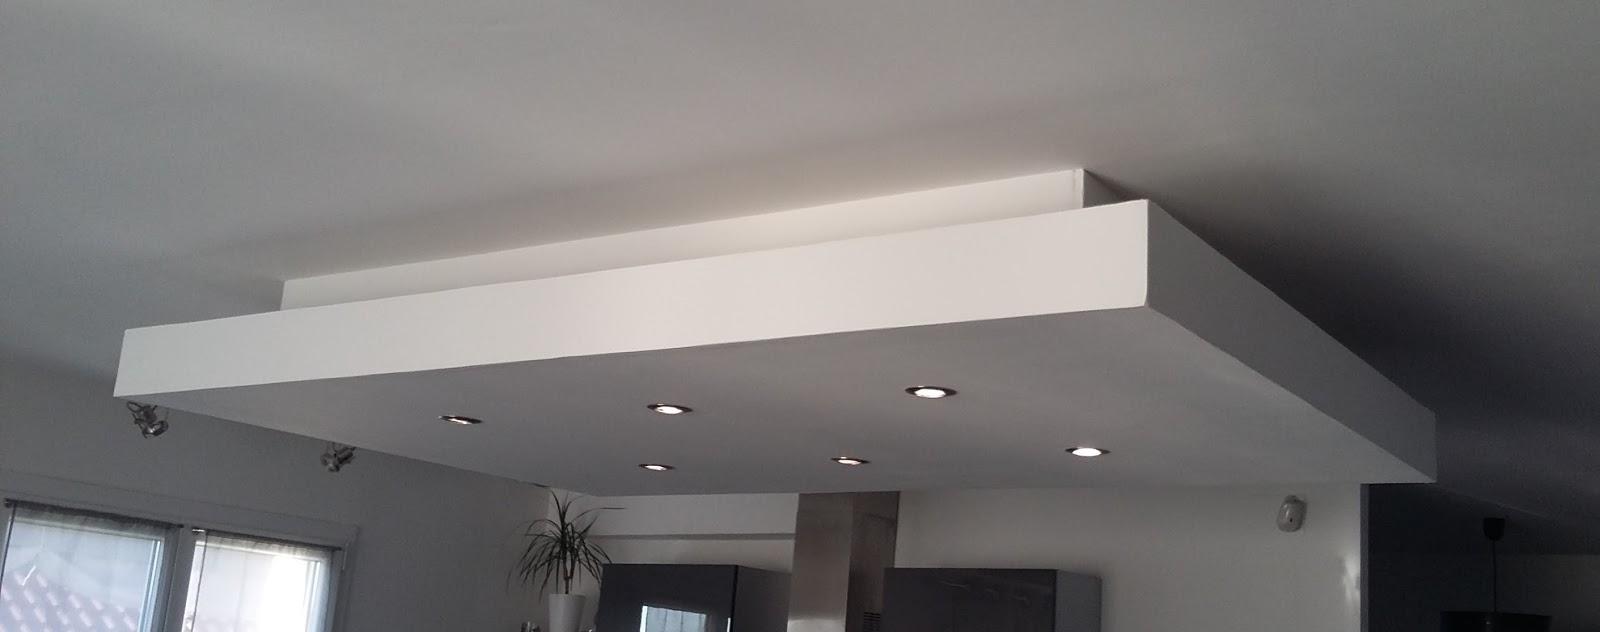 Favori Faux plafond ilot central - Menuiserie image et conseil ON66